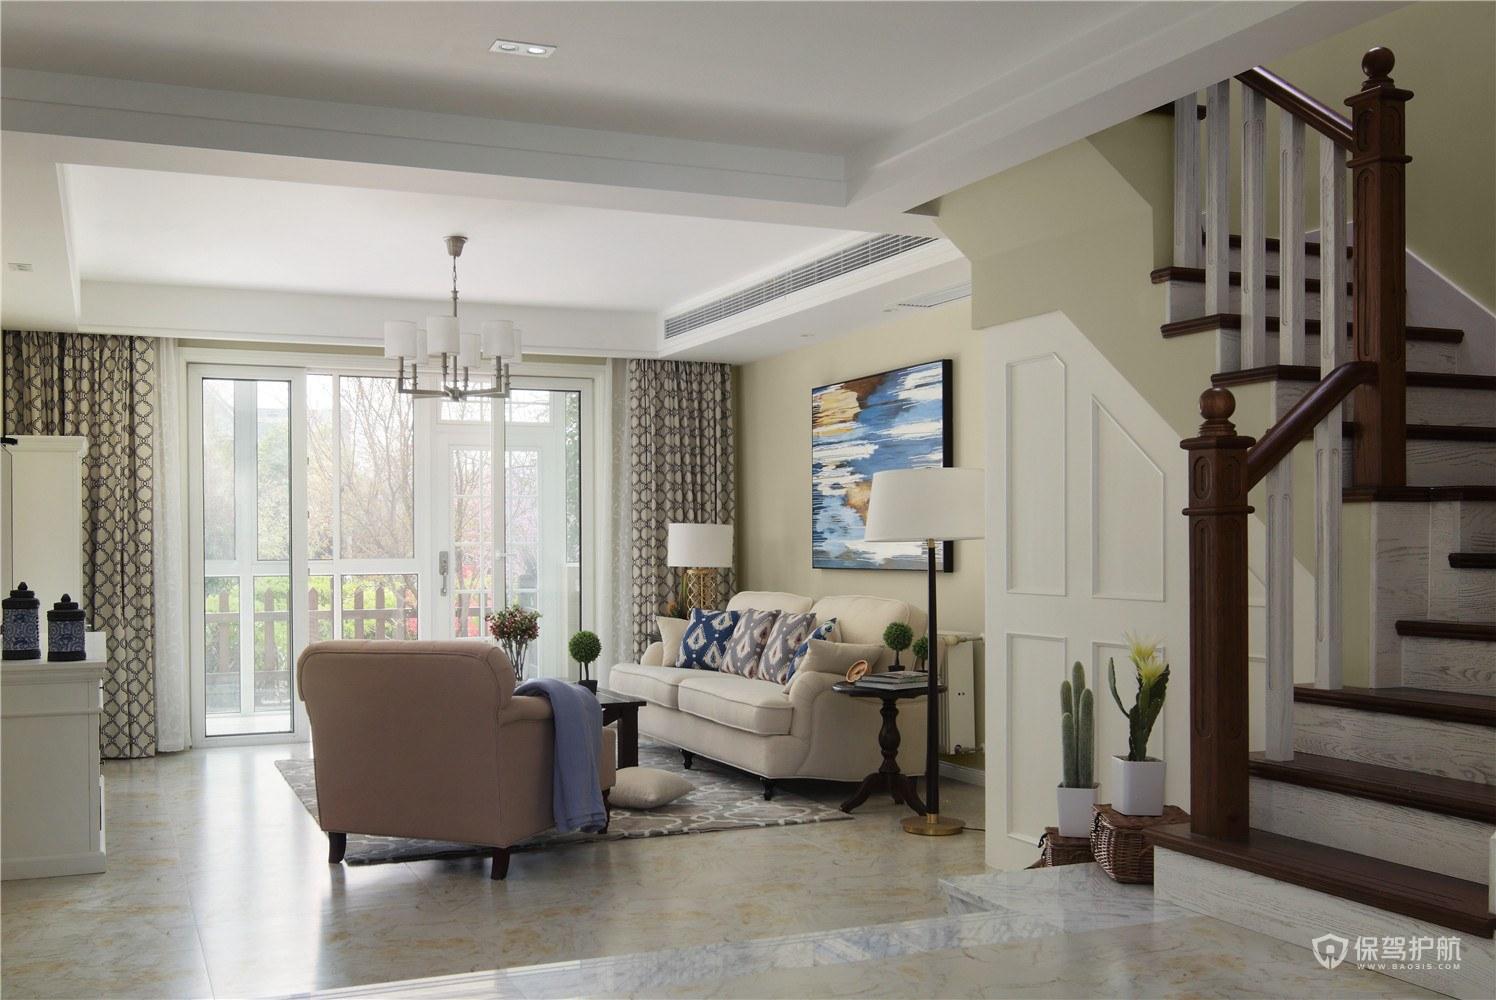 客厅二级吊顶结构效果图